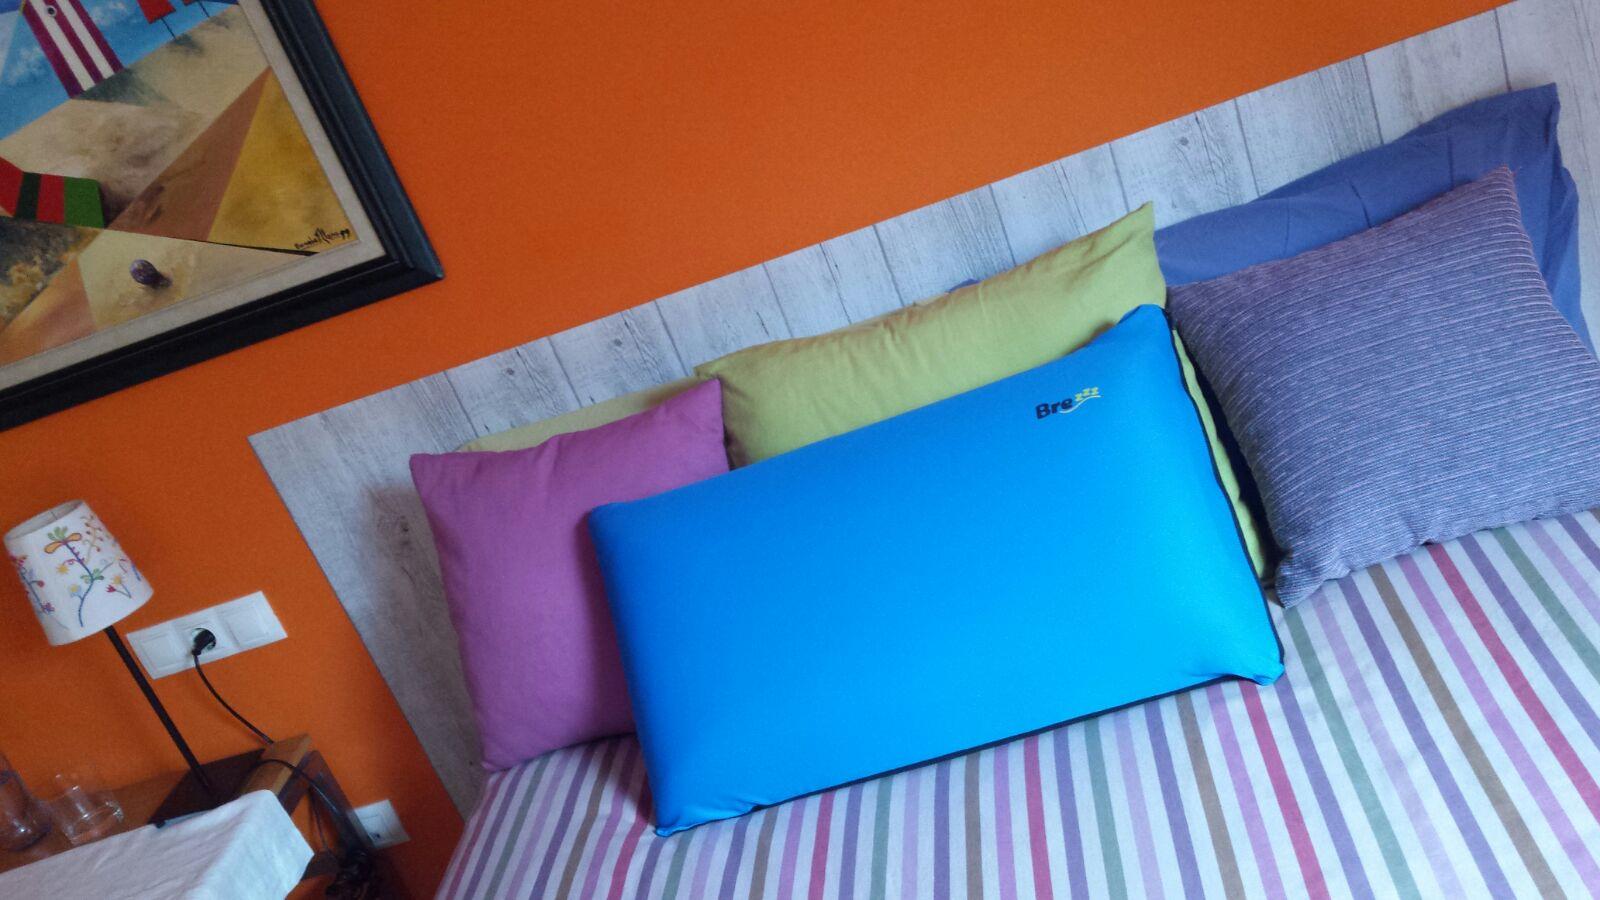 Da color a tu hogar con las almohadas y cojines de viscoelástica Brezzz